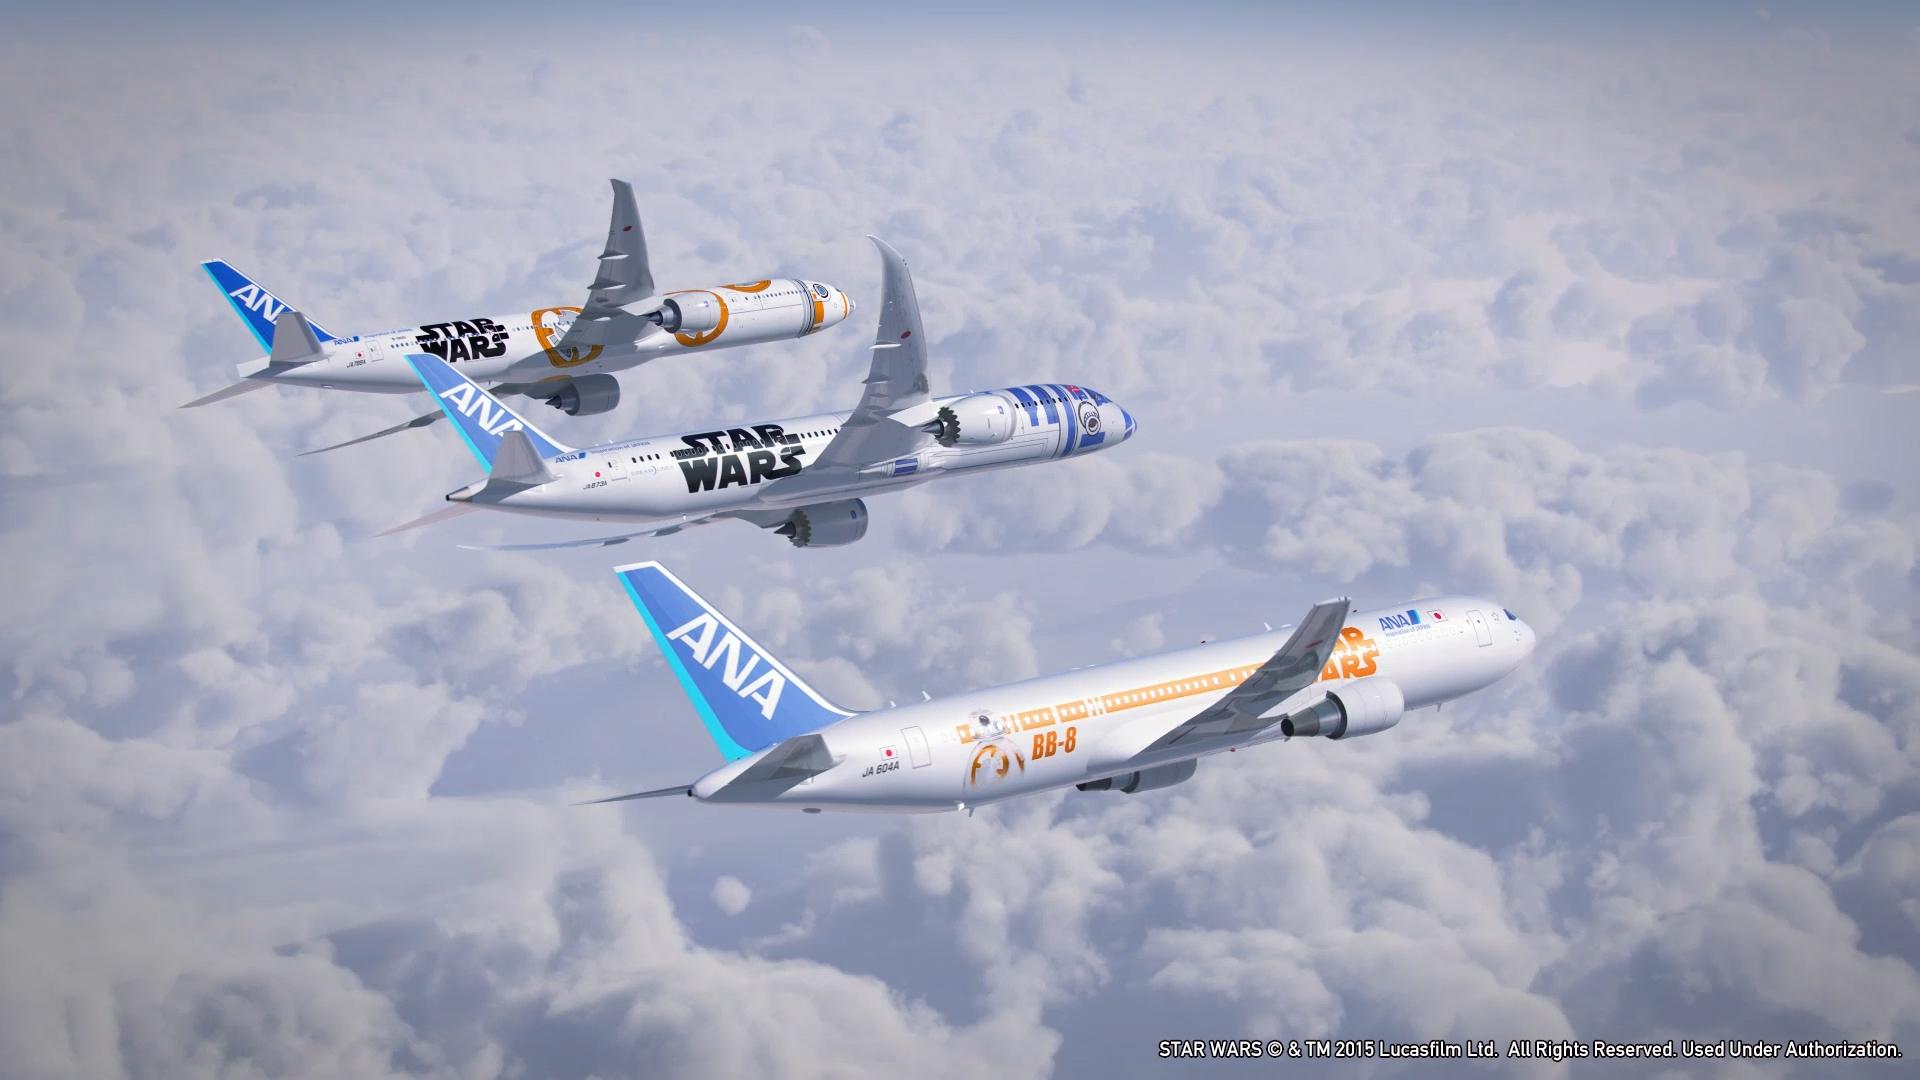 ANA_Star Wars_aircraft_BB-8